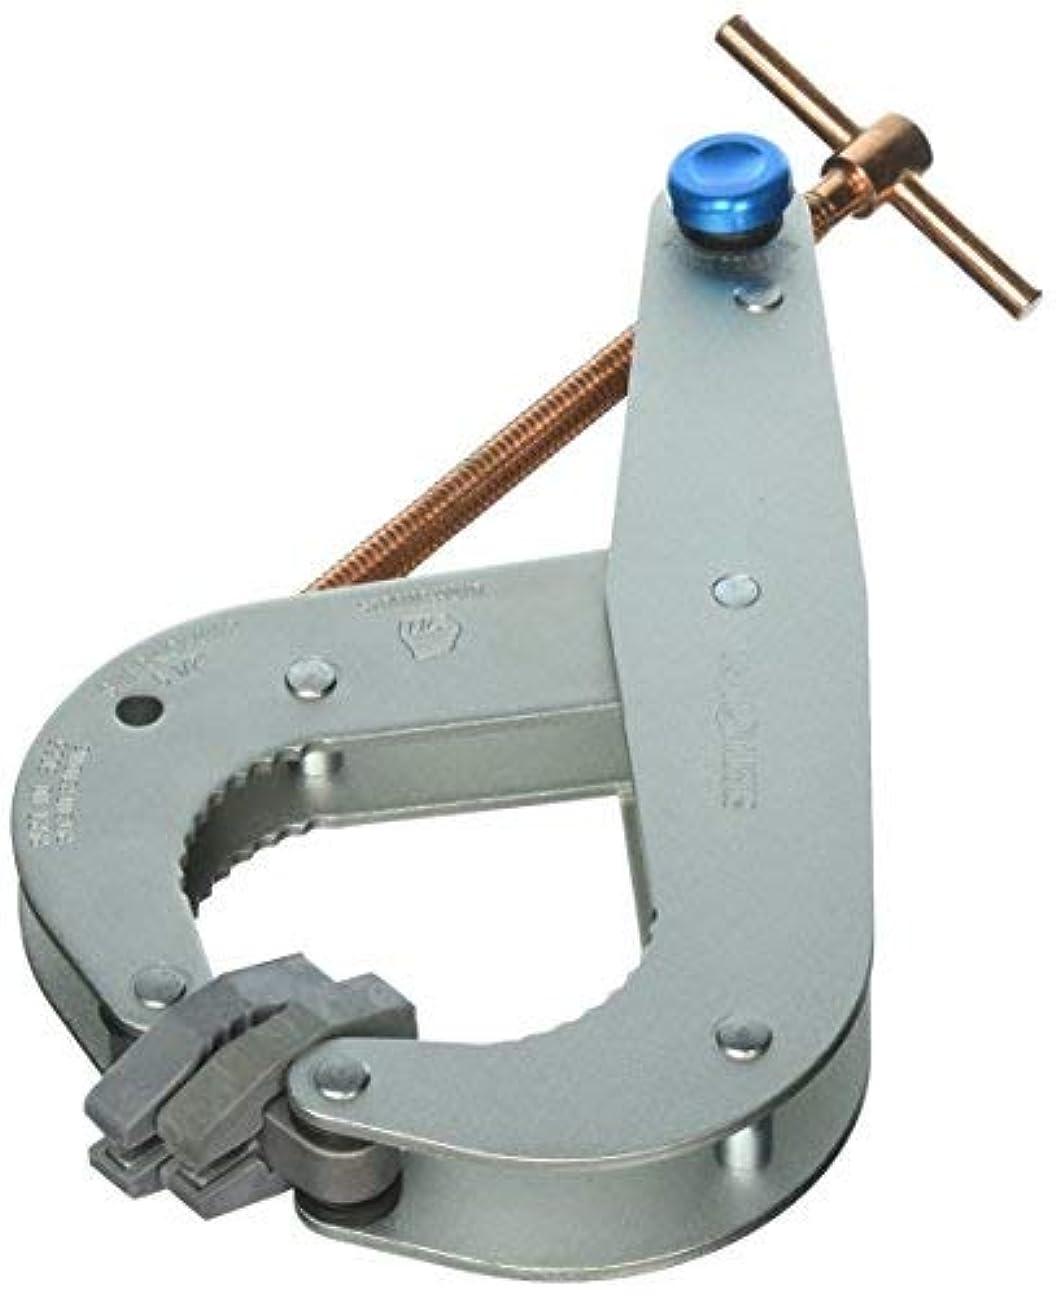 住所申し込む巨大Strong Hand Tools, Shark Clamp, T-Handle, 6.5